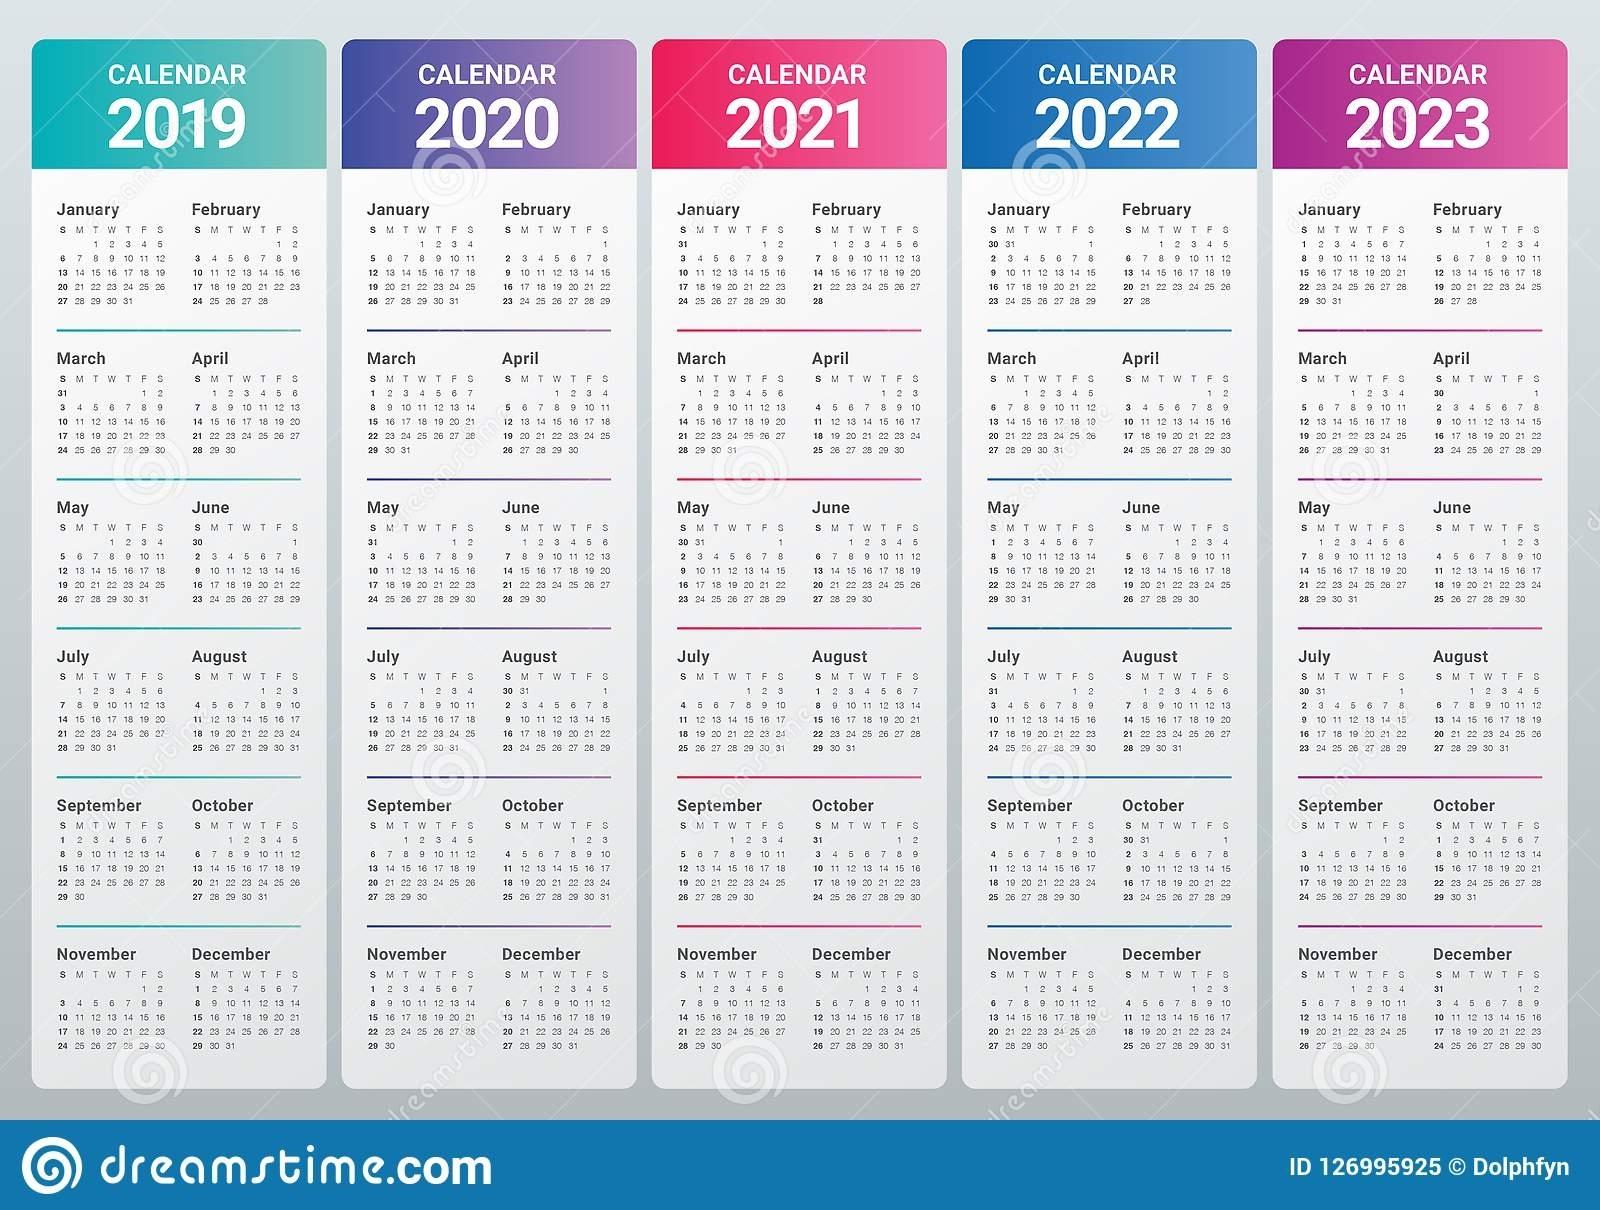 Year 2019 2020 2021 2022 2023 Calendar Vector Design throughout Printable Calendar 2020 2021 2022 2023